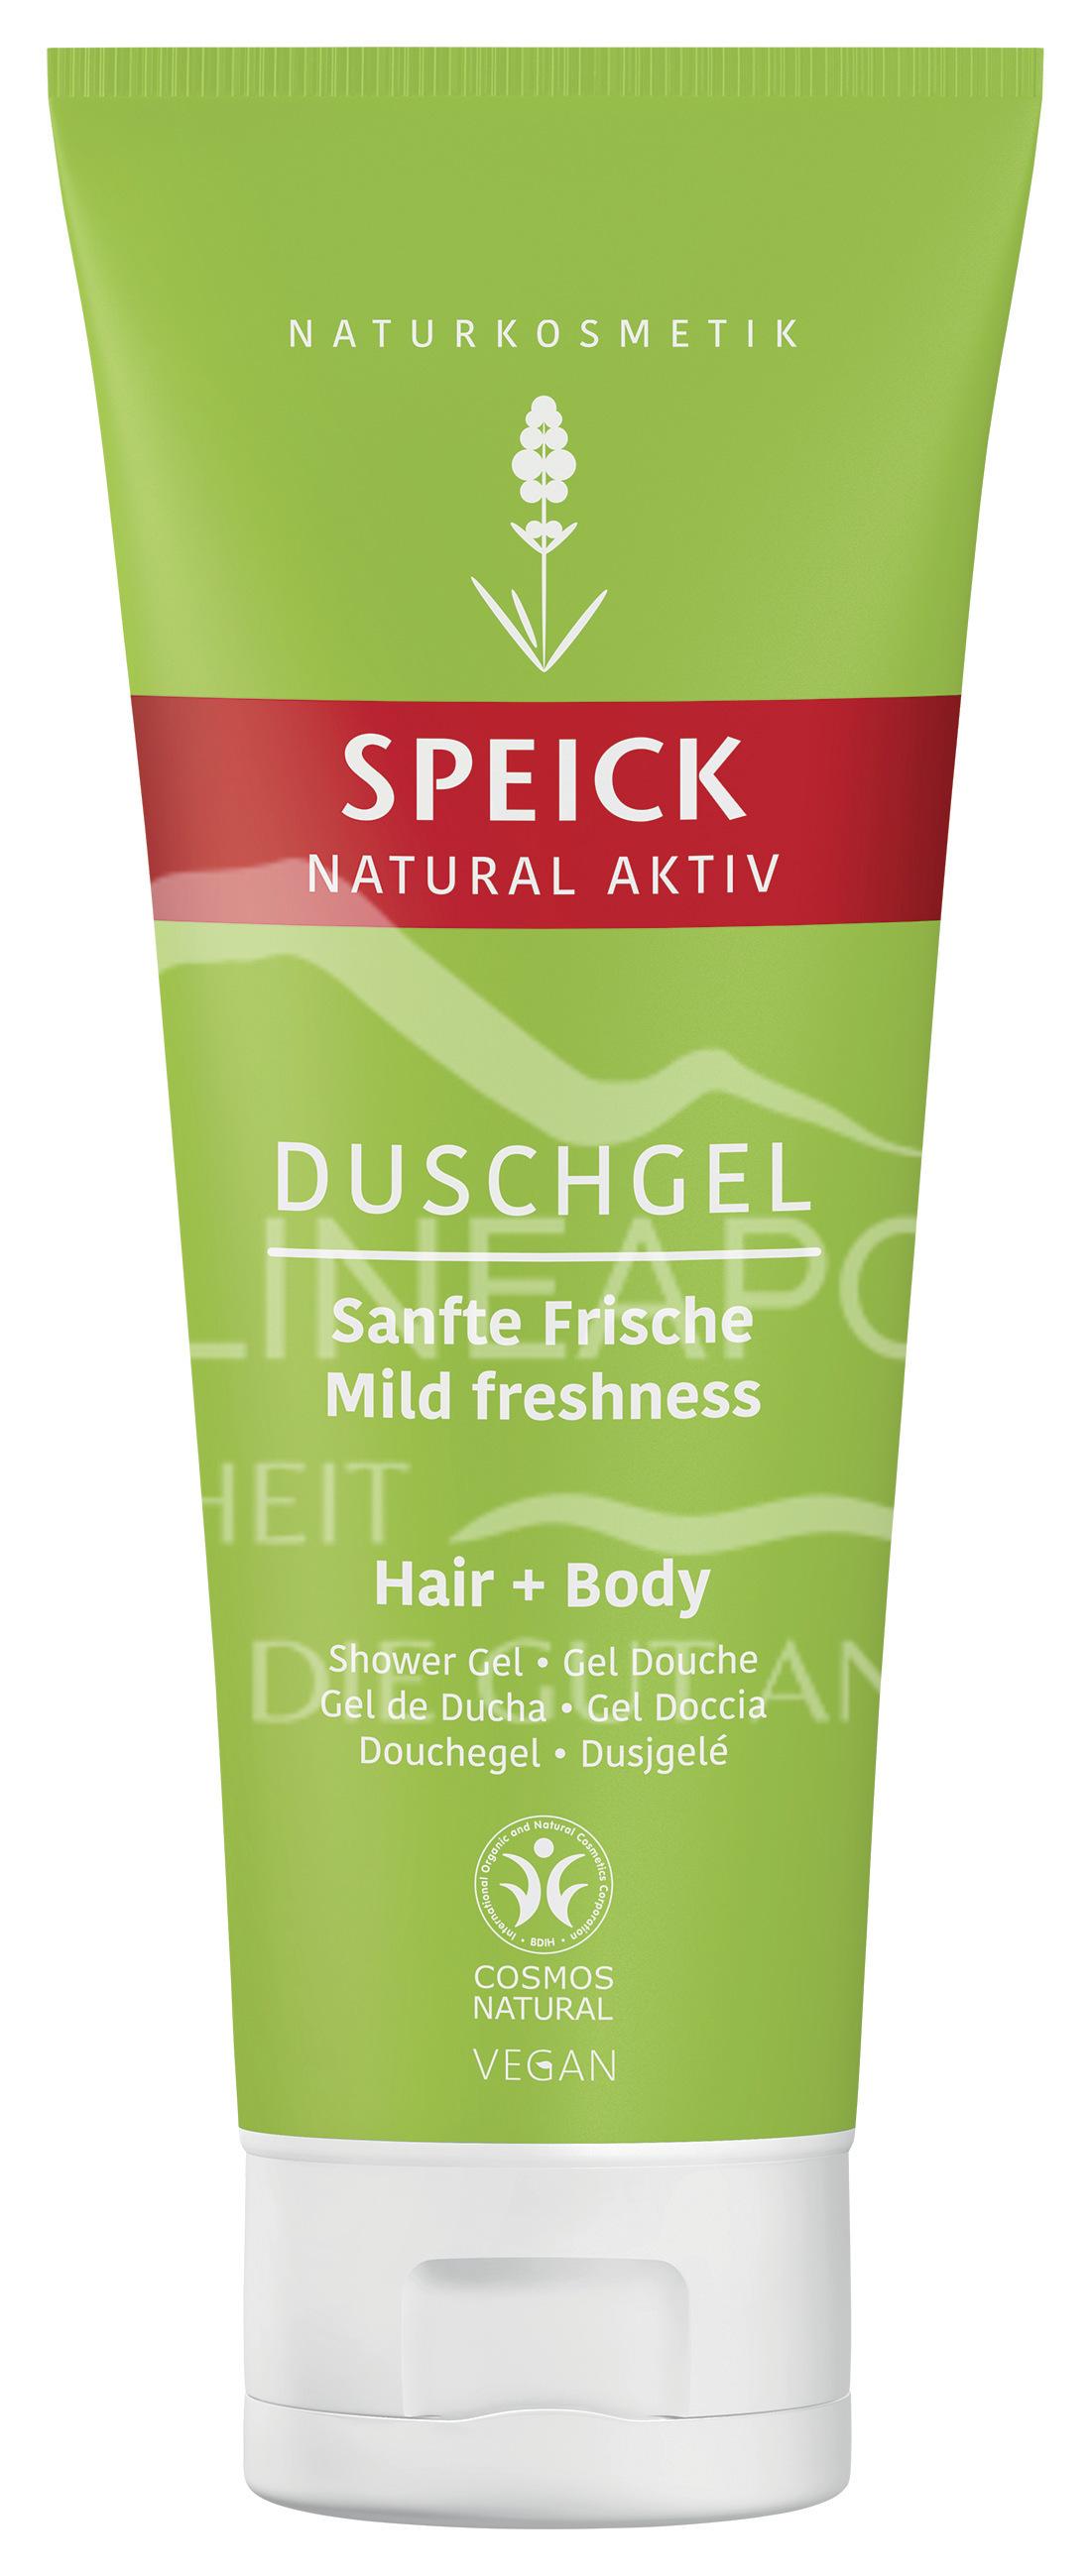 Speick Natural Aktiv Duschgel